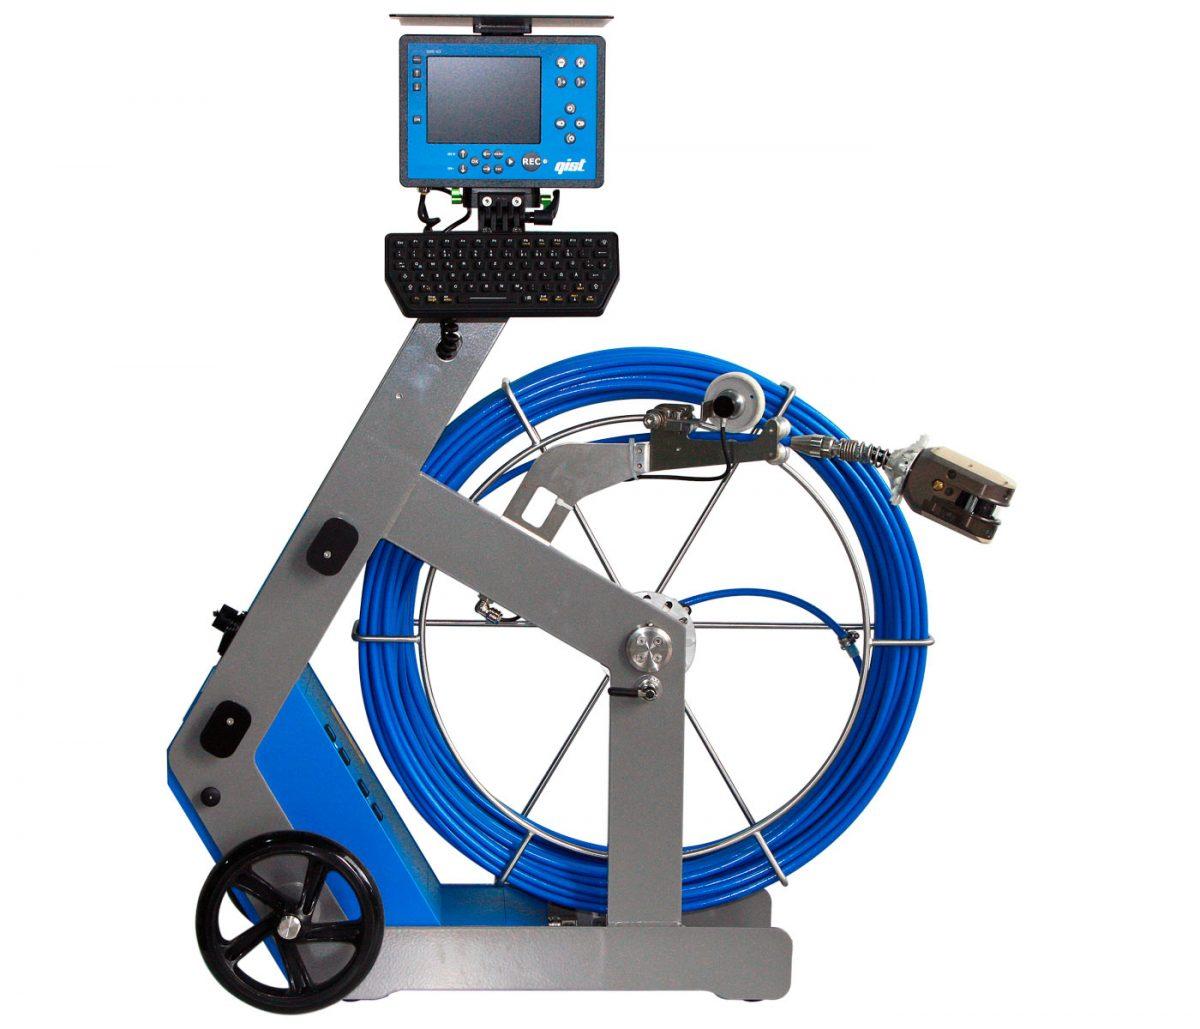 cámara inspección tuberías personalizable QSS01-3